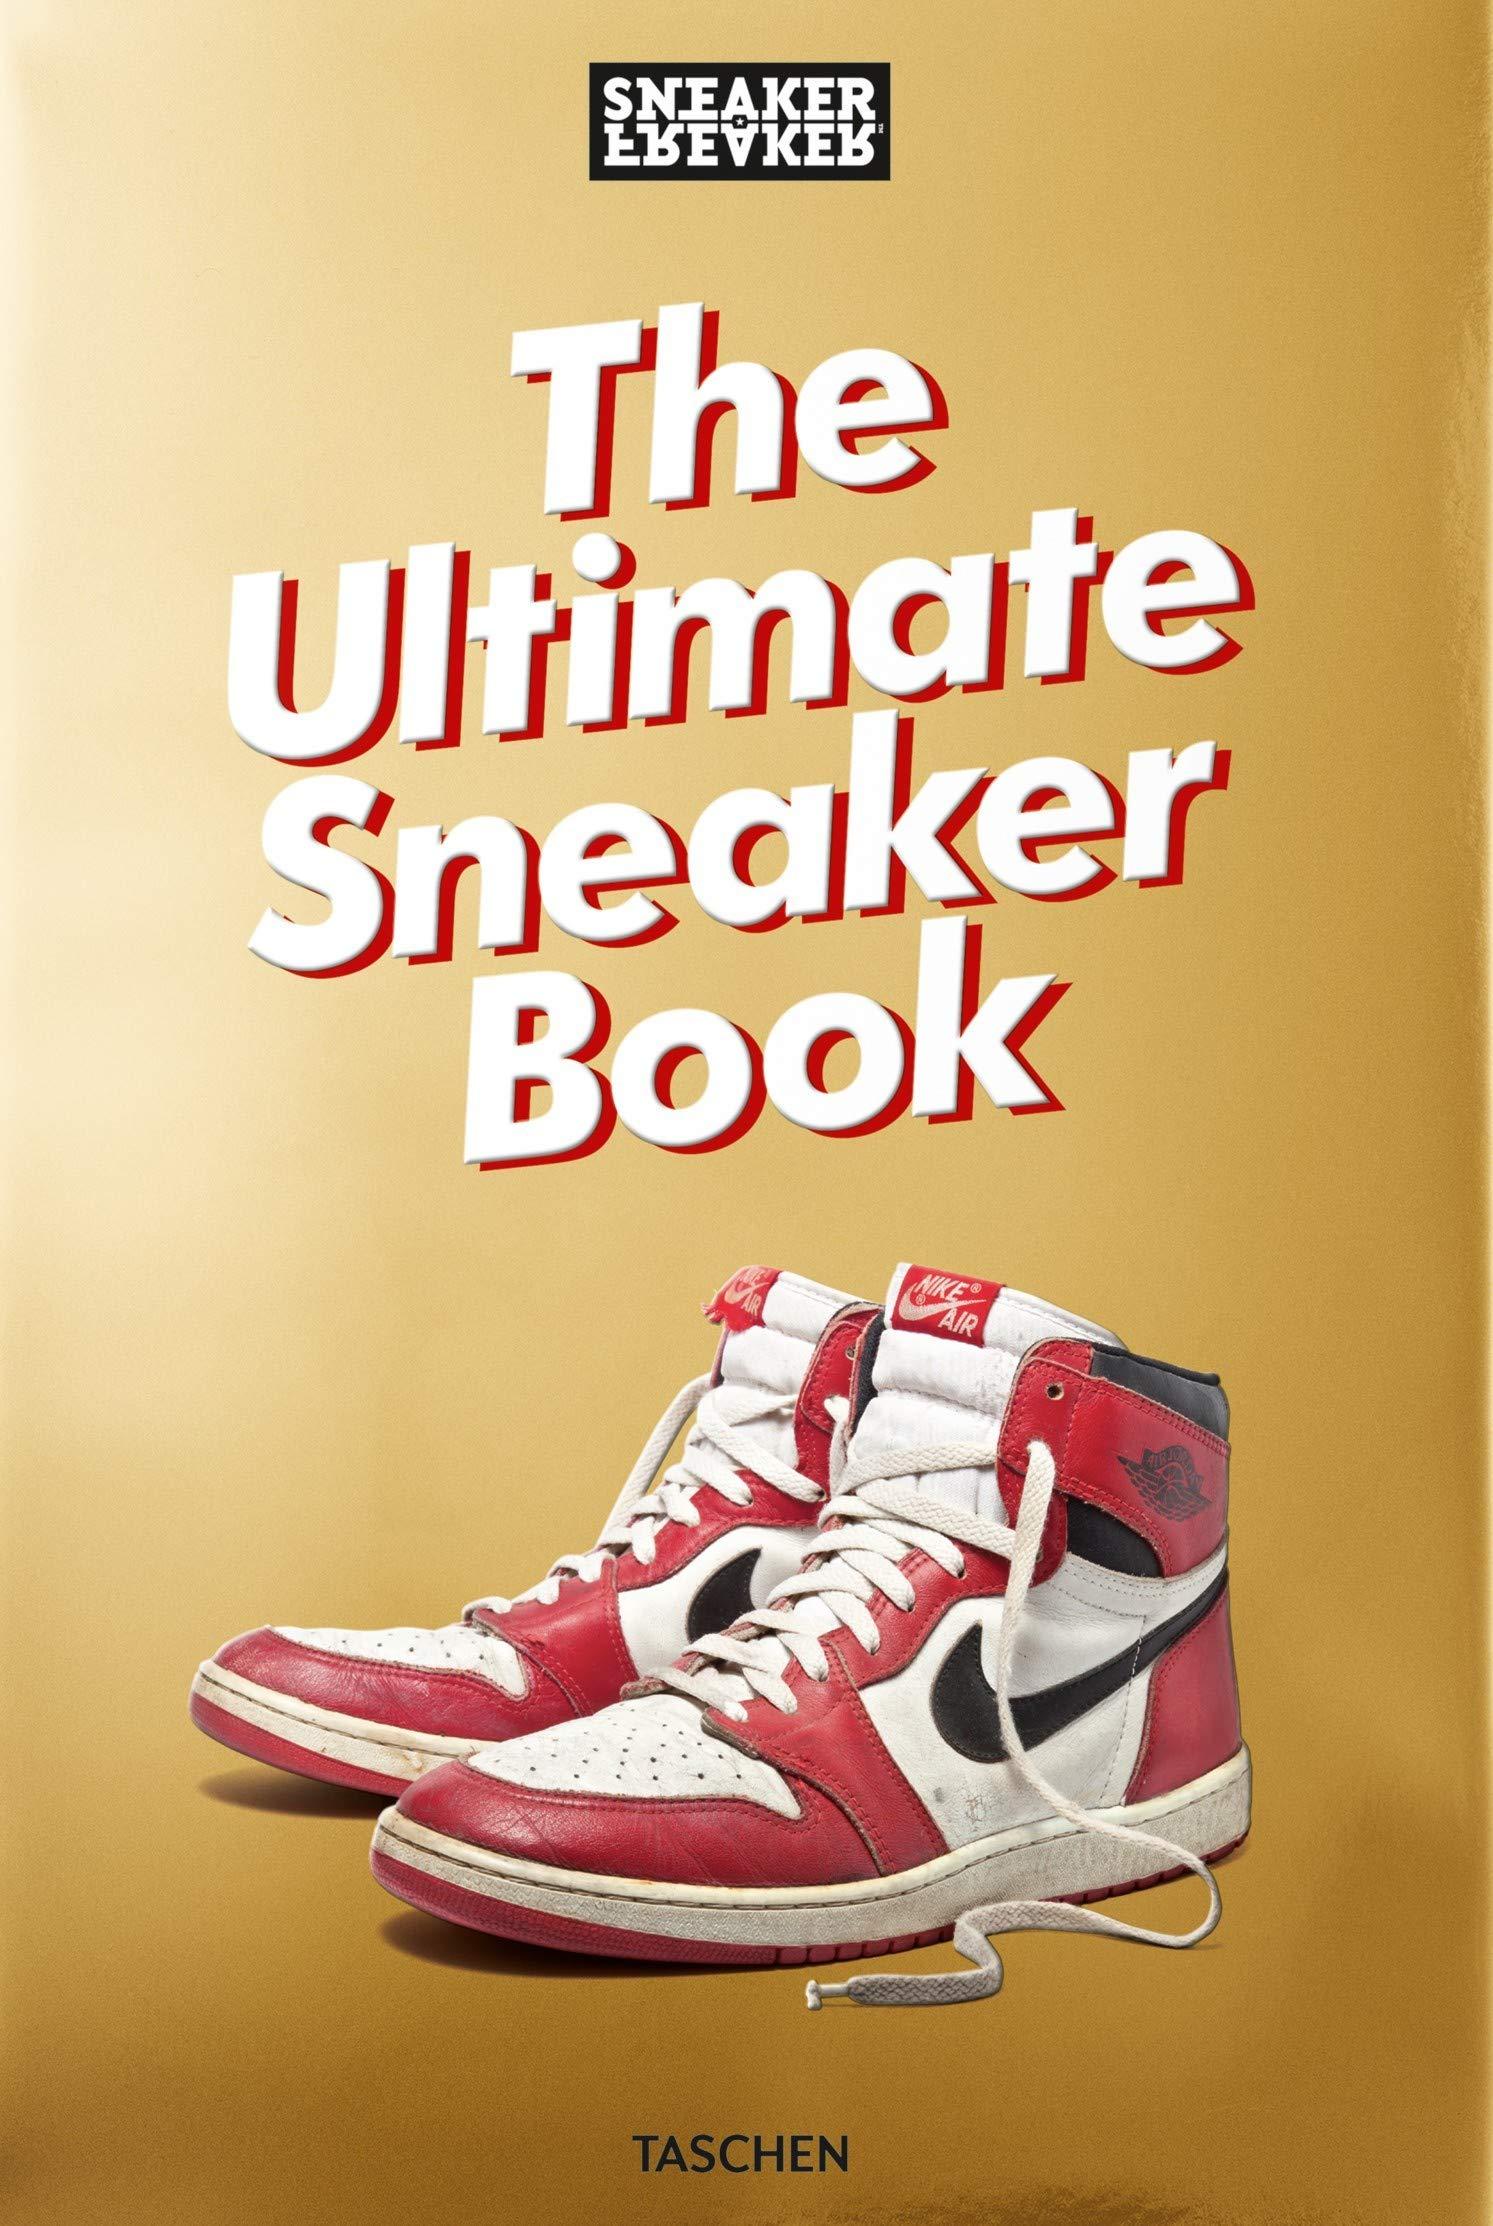 Sneaker Freaker. The Ultimate Sneaker Book by TASCHEN